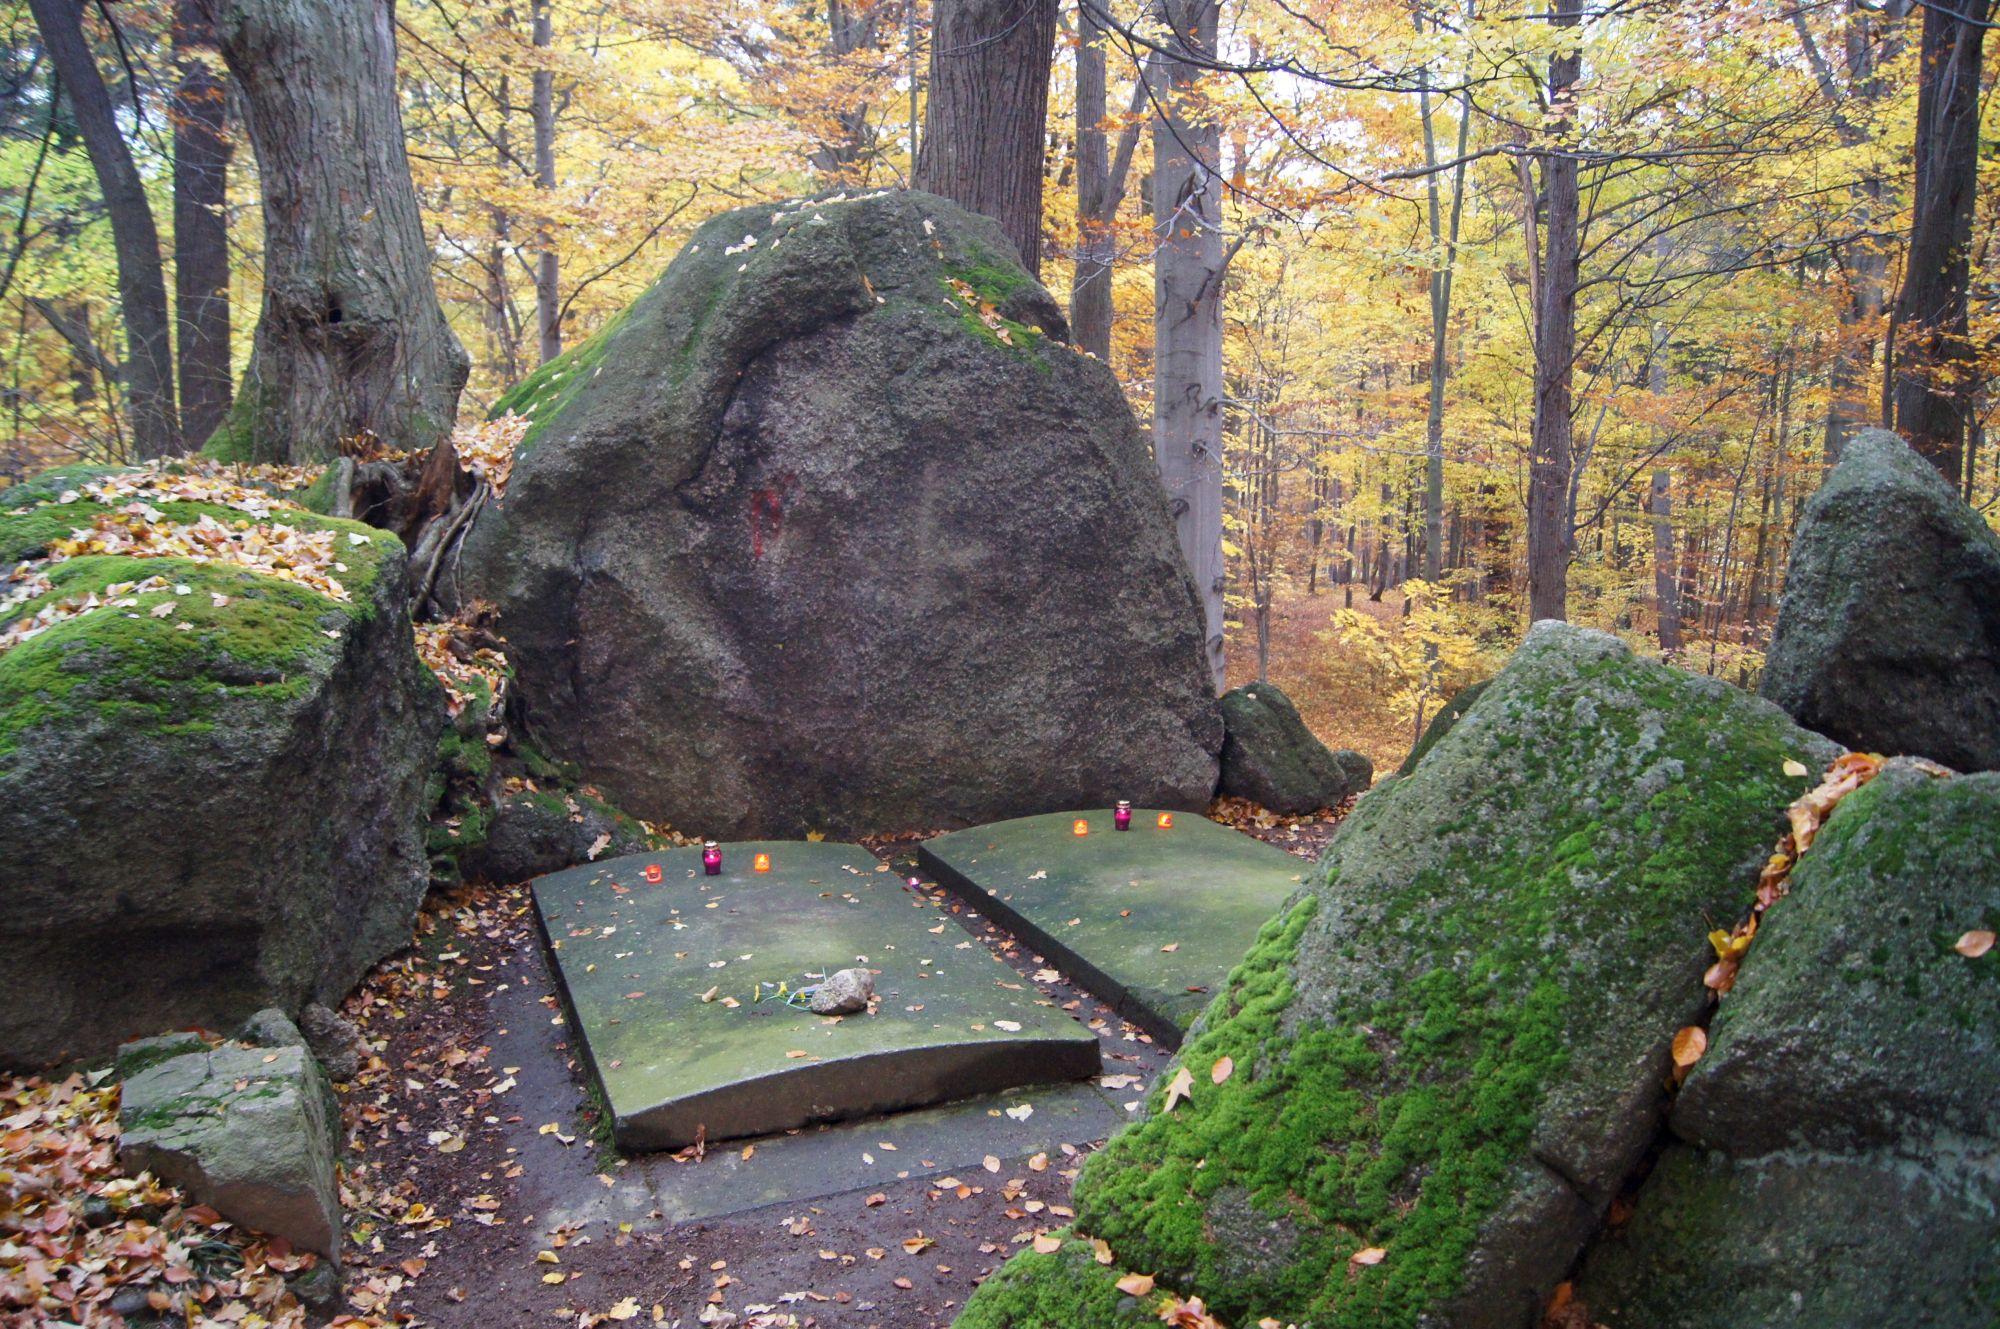 1. Grobowce Rodziny von Reuss w Kowarach